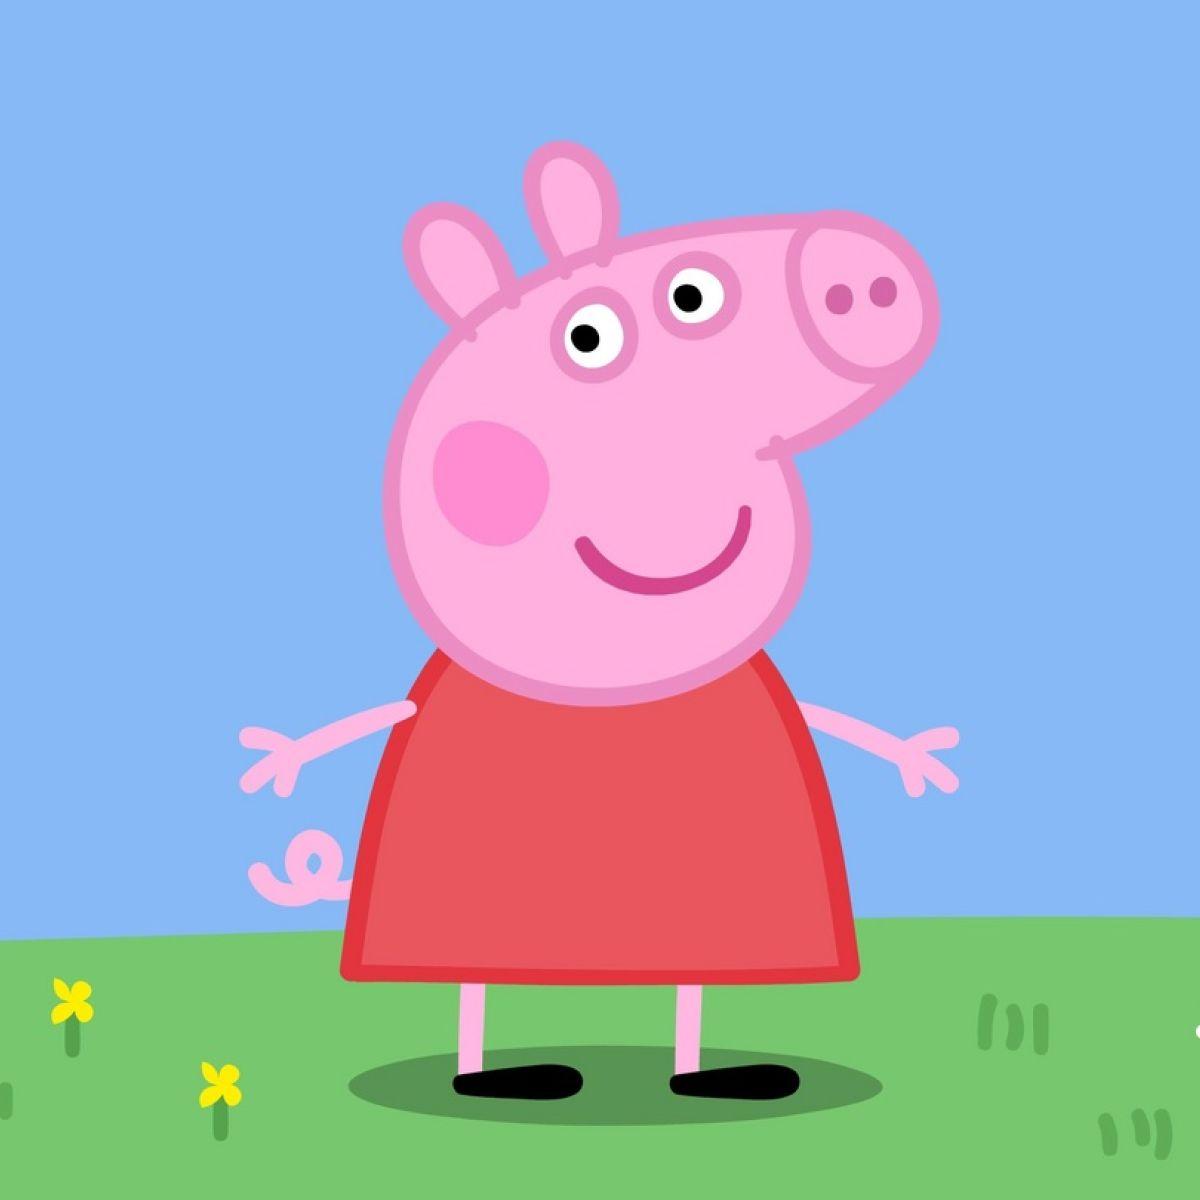 Sean Moncrieff Is Peppa Pig A Fat Shaming Feminazi